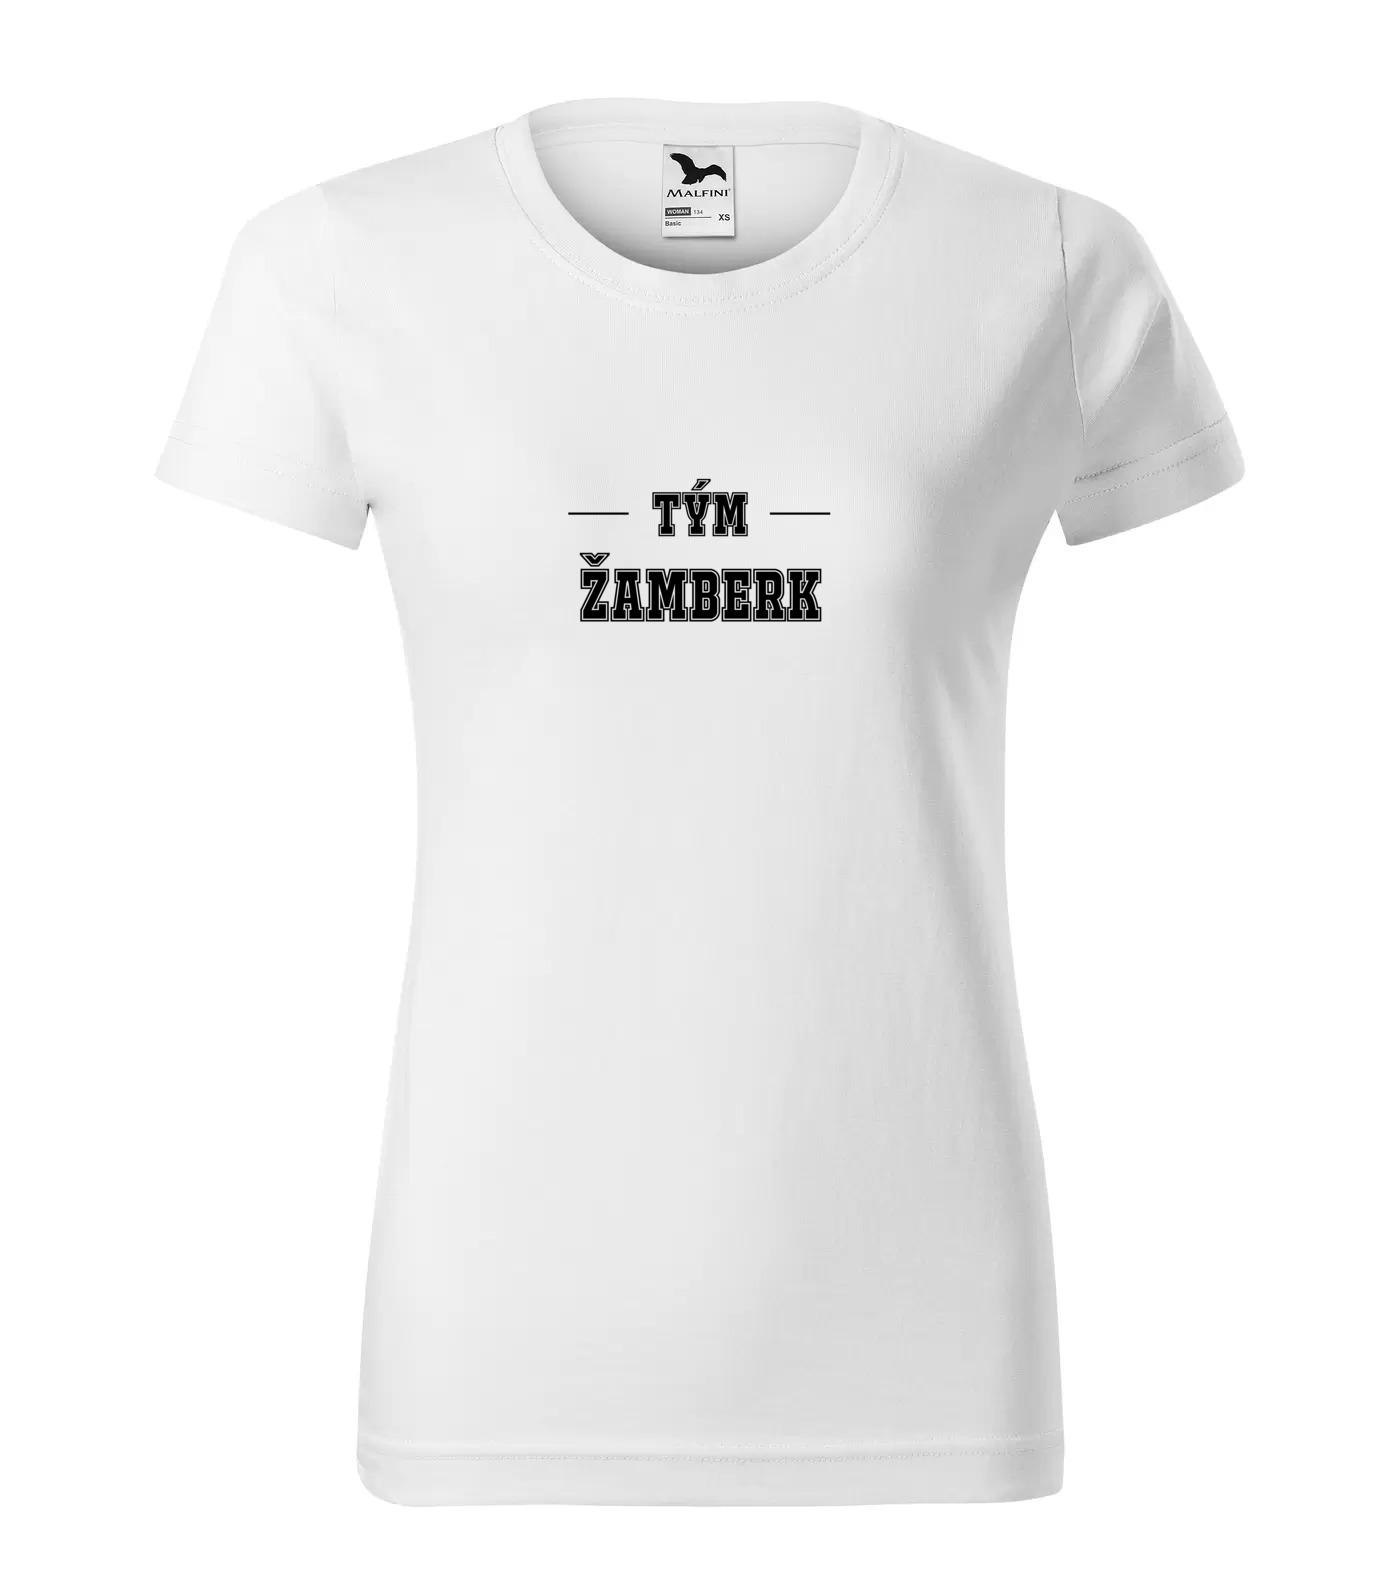 Tričko Tým Žamberk